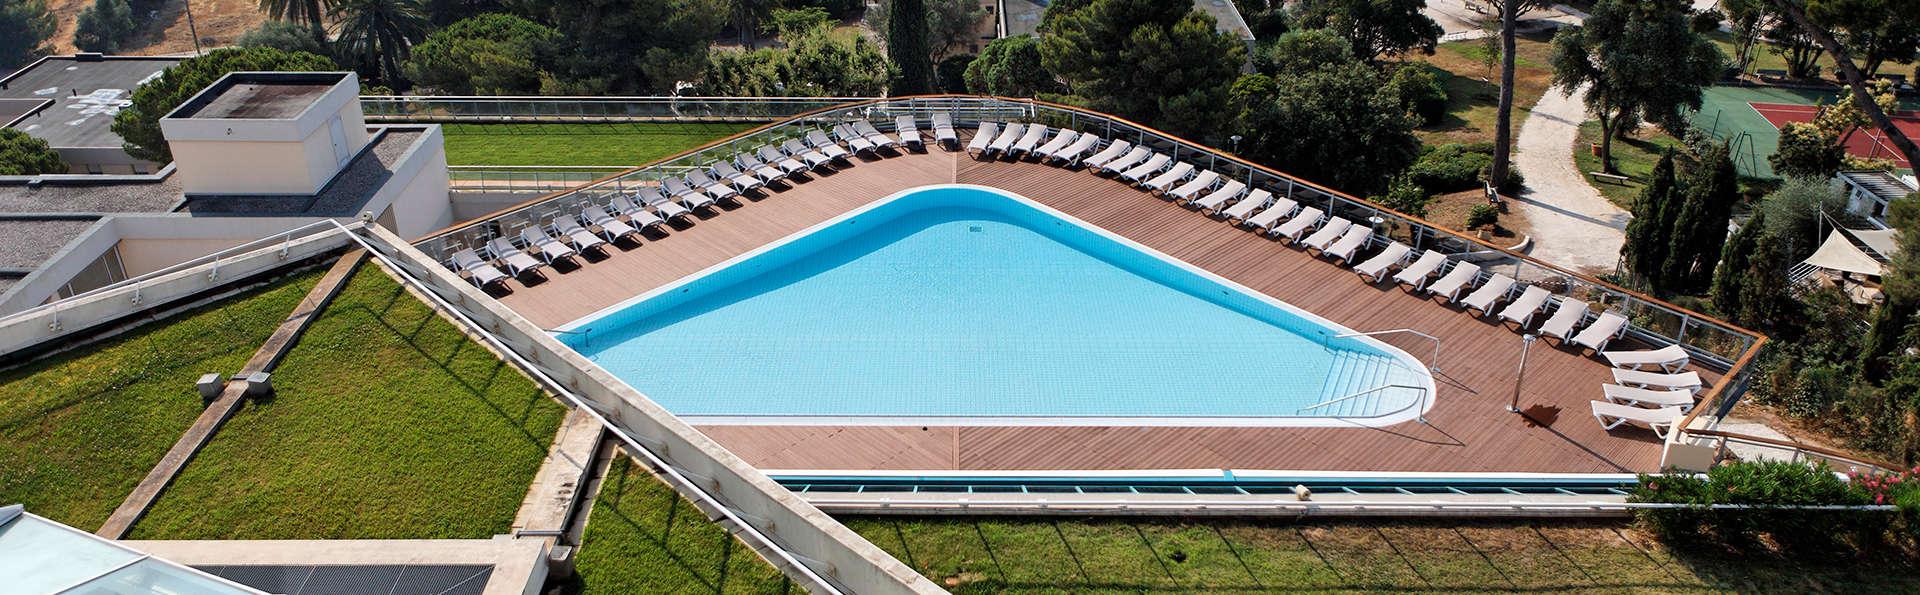 La Font des Horts - BTP Vacances - Edit_Pool2.jpg